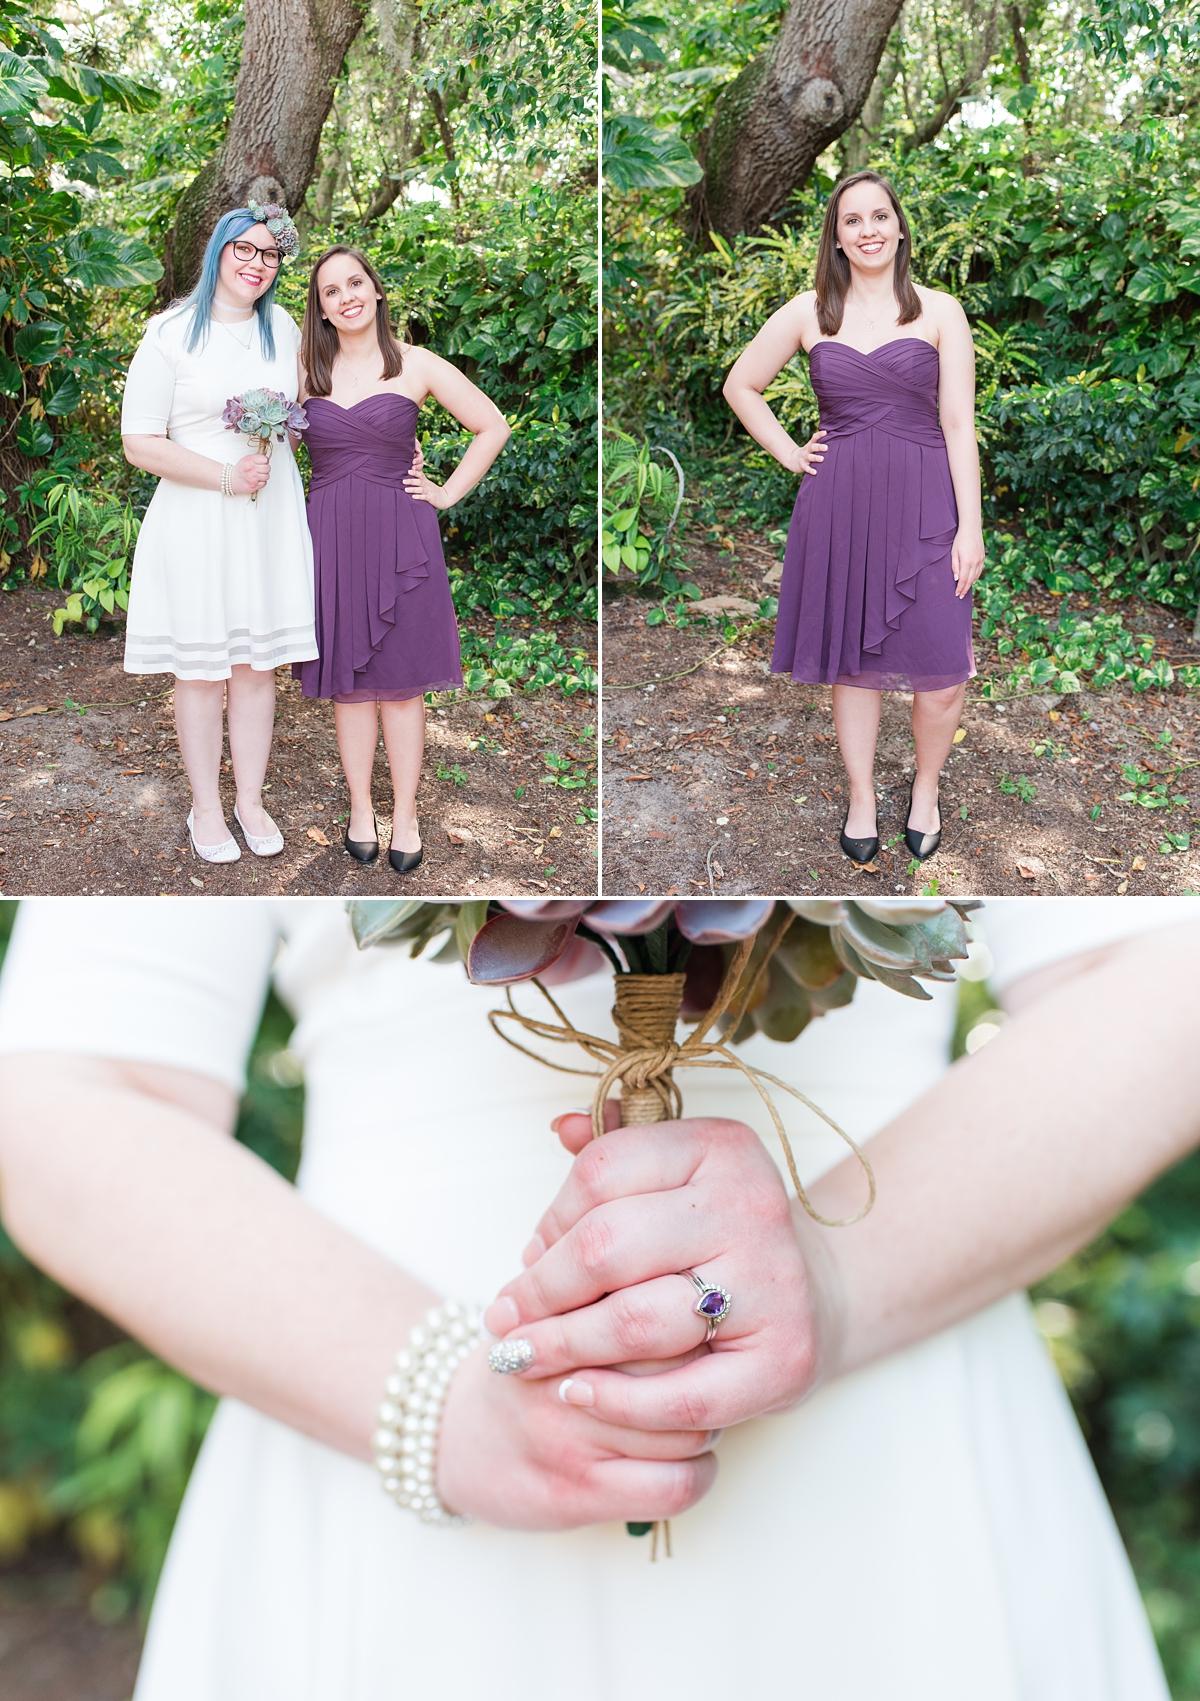 Titusville Florida Wedding_Elopement Photos_Blue Hair_Succulent Bouquet_Elopement Inspiration_15.jpg